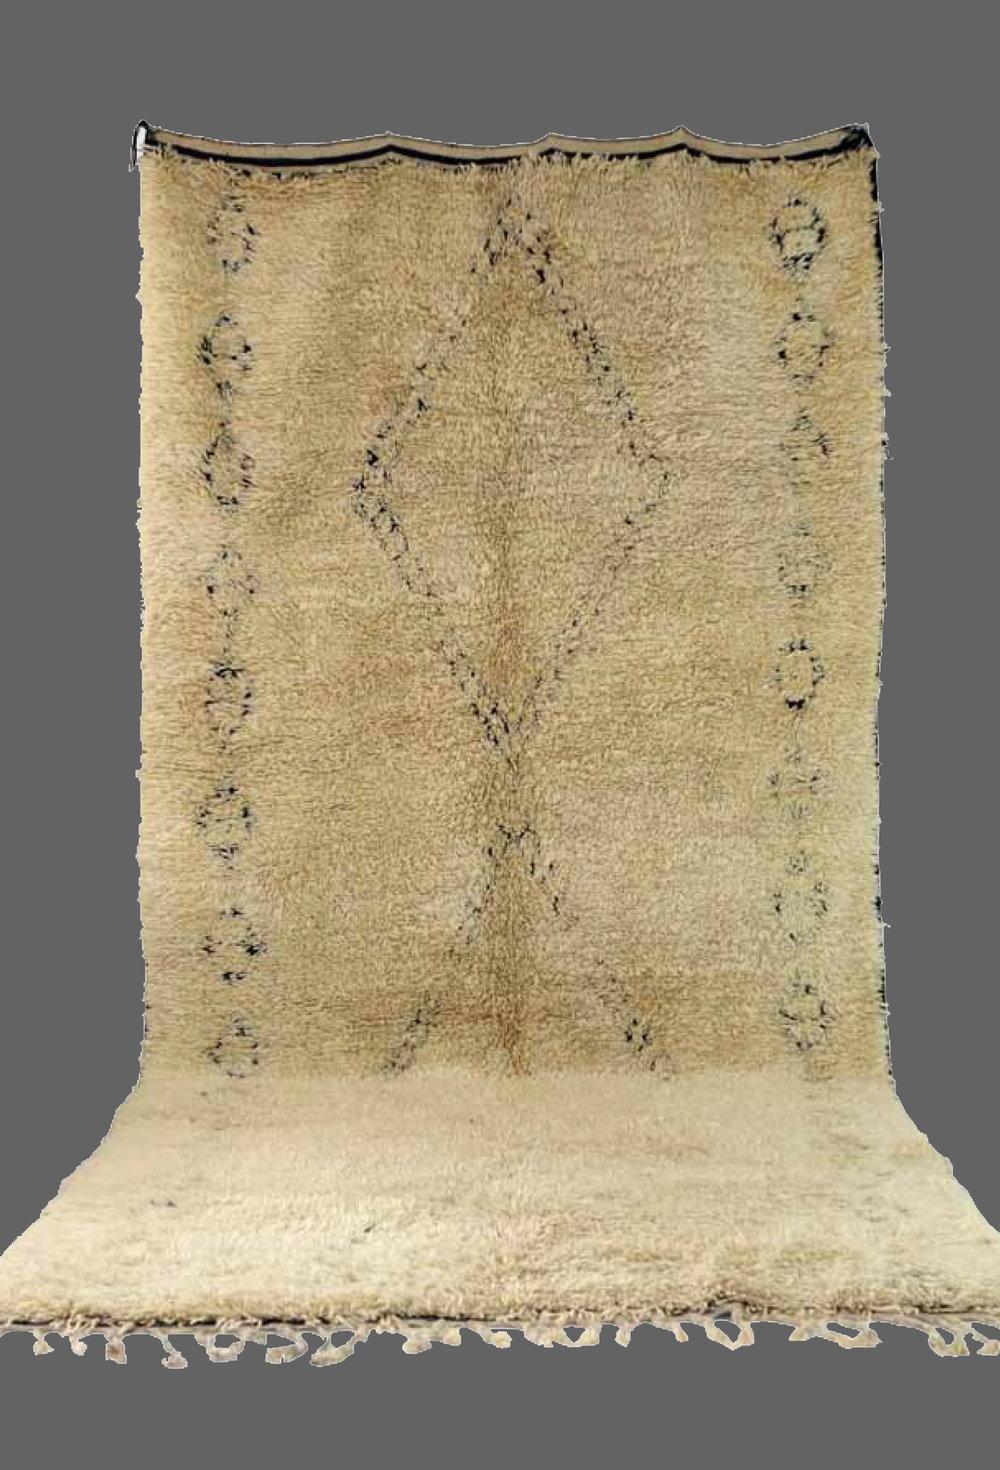 Ethnie : Beni Ouarein    Origine : Maroc    Année : 1980    Dimensions : 4,55 x 2,00    Technique :    Description : Superbe tapis, laine épaisse, grande dimension, dessin original noir qui disparait avec le temps    Référence : BEN 005    Prix : 3200€